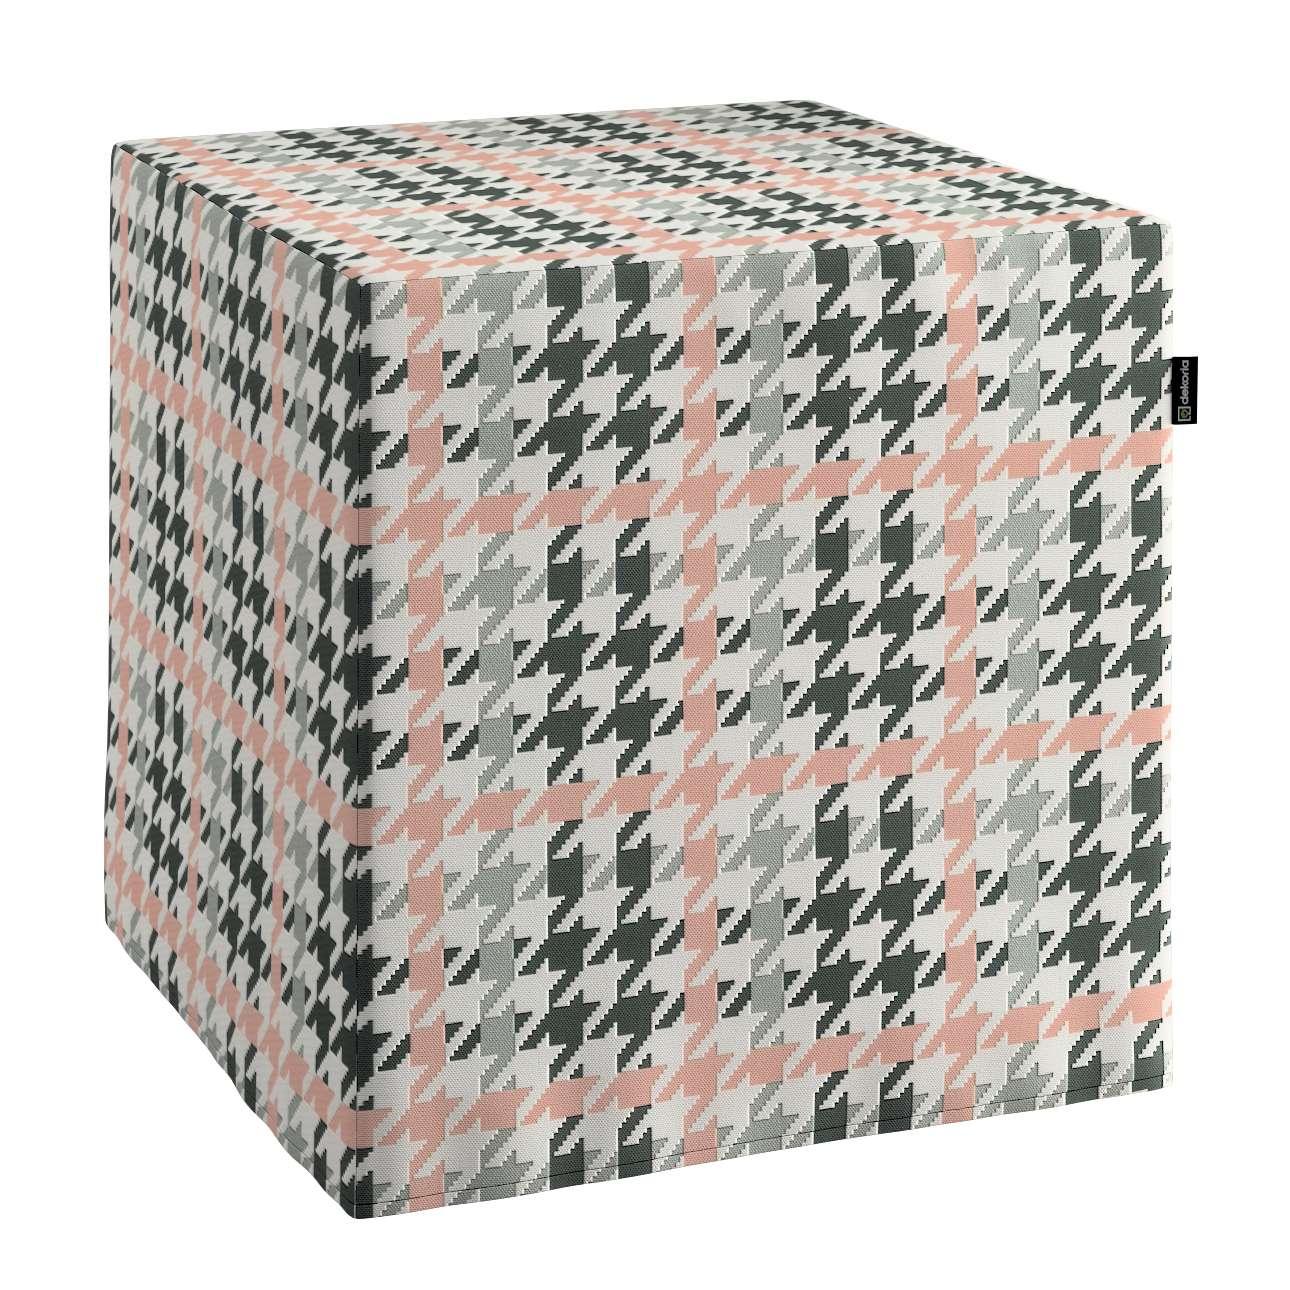 Pufo užvalkalas 40x40x40 cm kubas kolekcijoje Brooklyn, audinys: 137-75